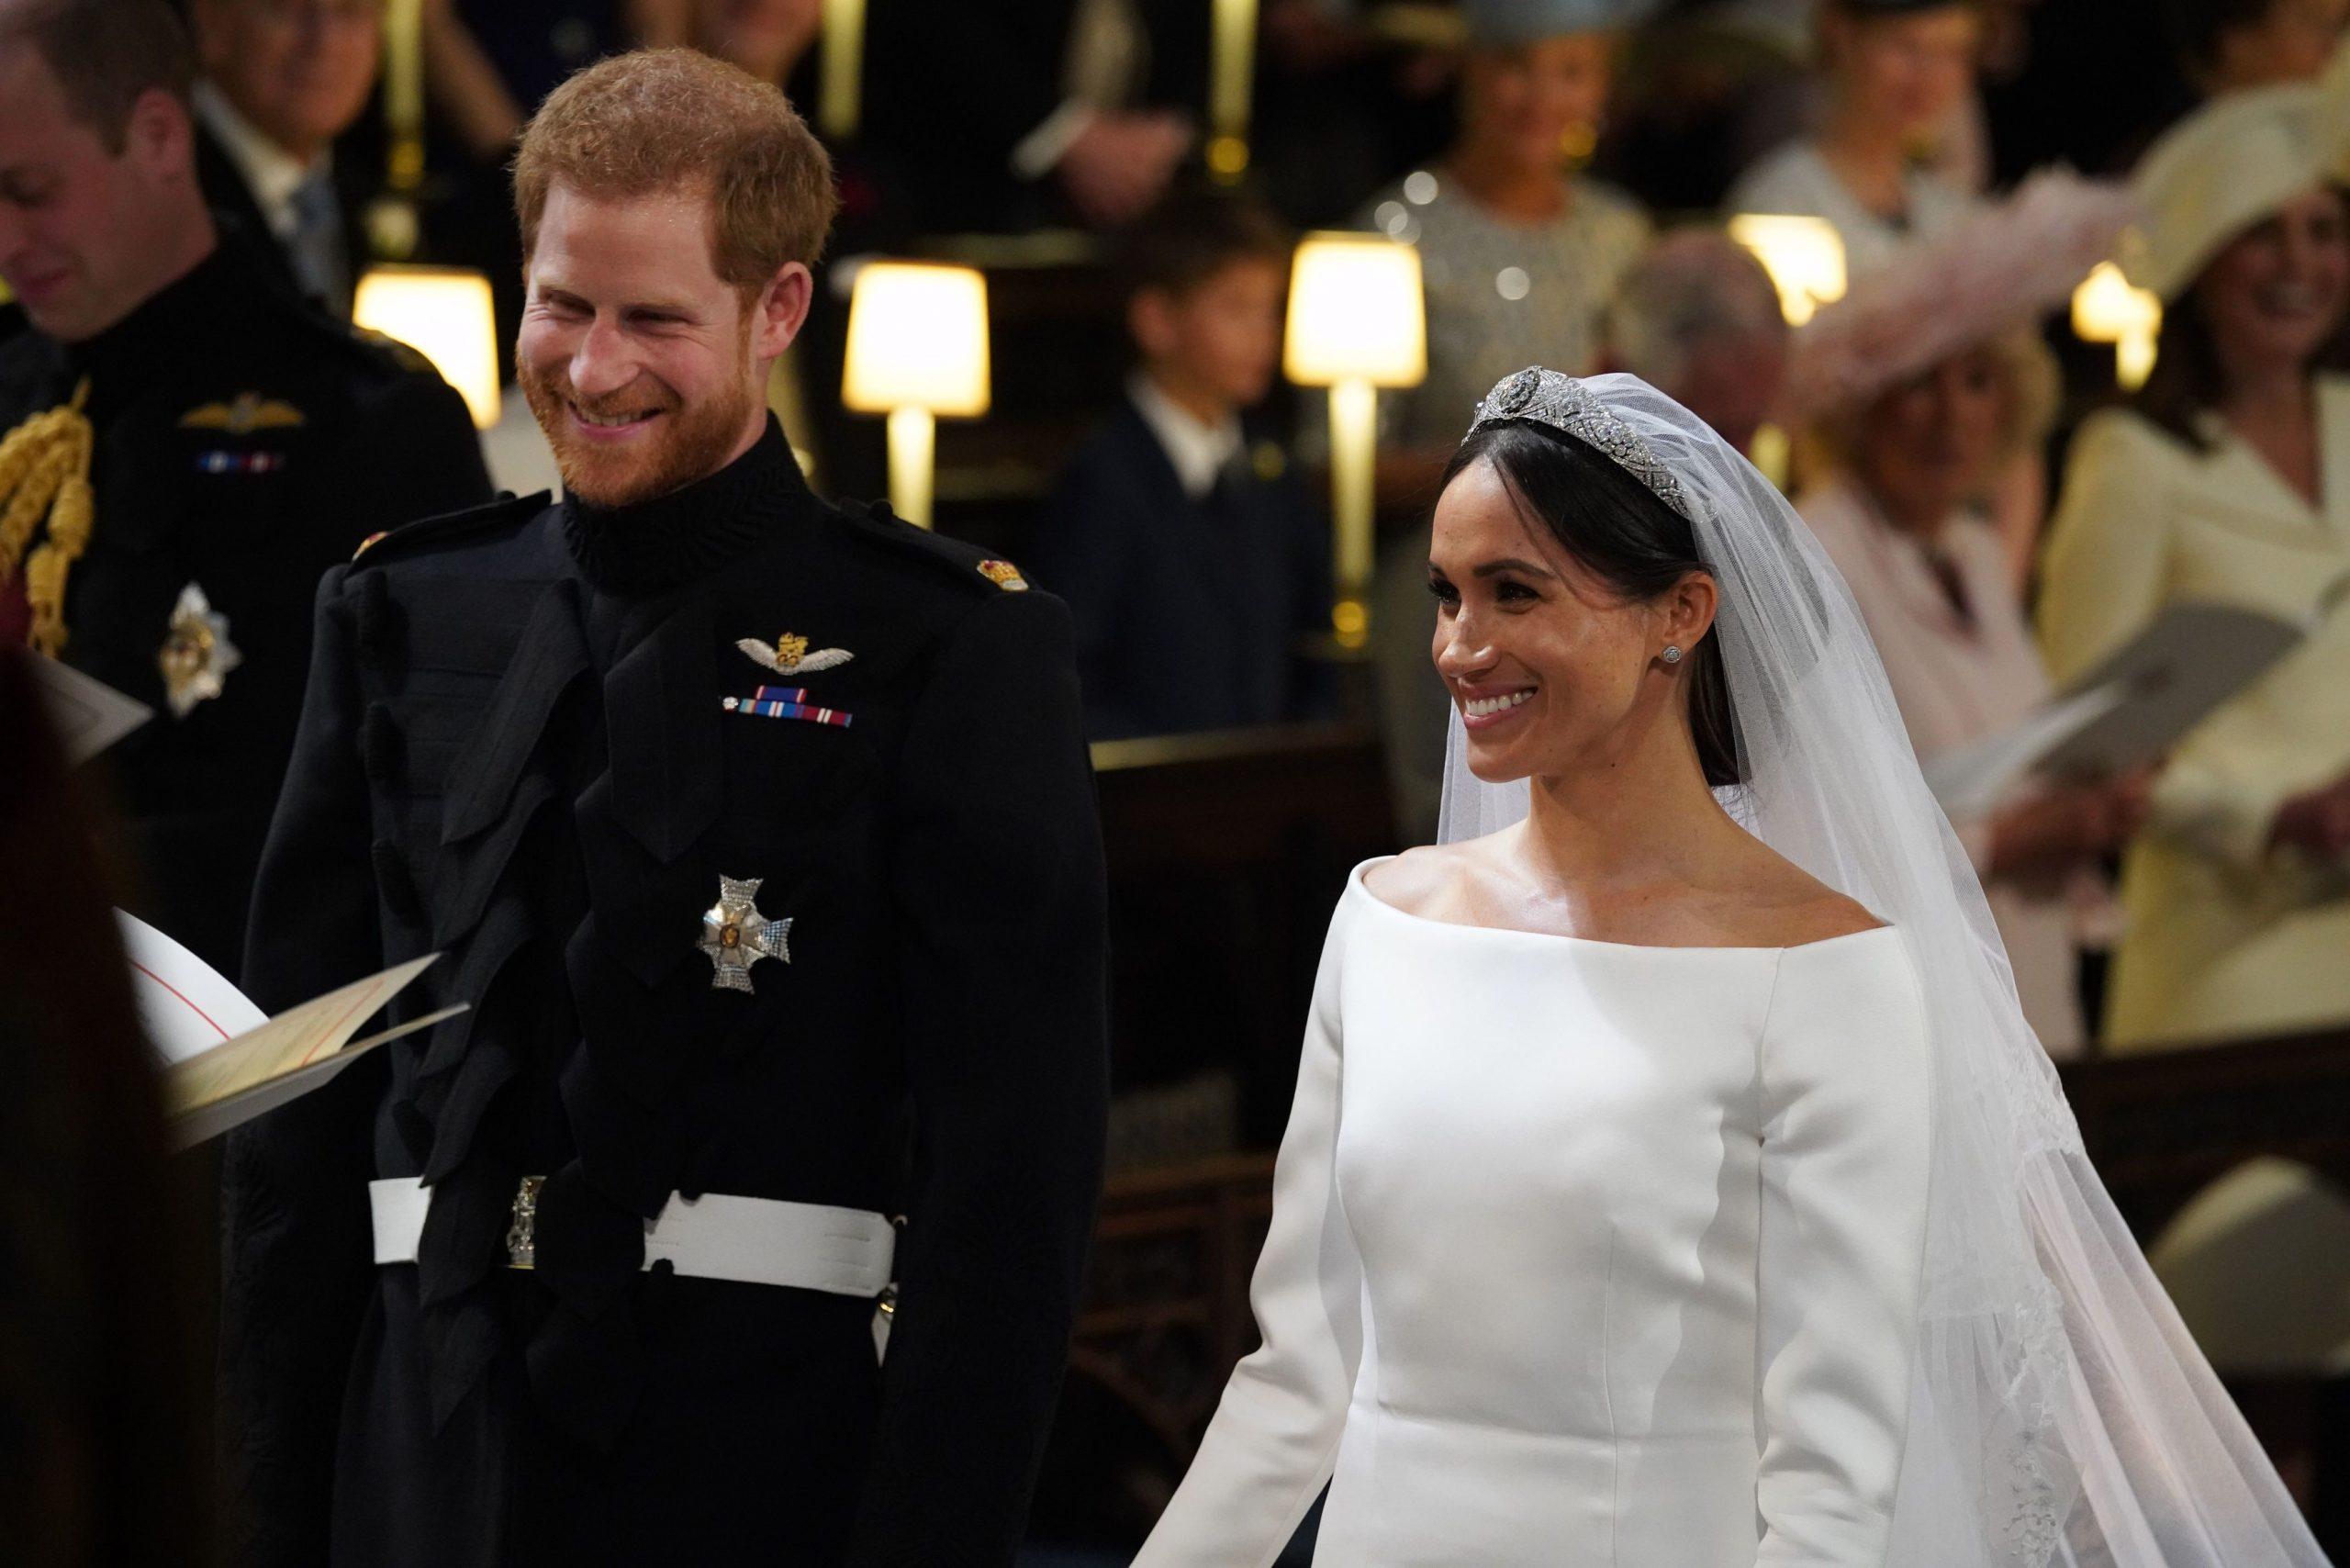 La boda real entre el príncipe Harry y Meghan Markle.